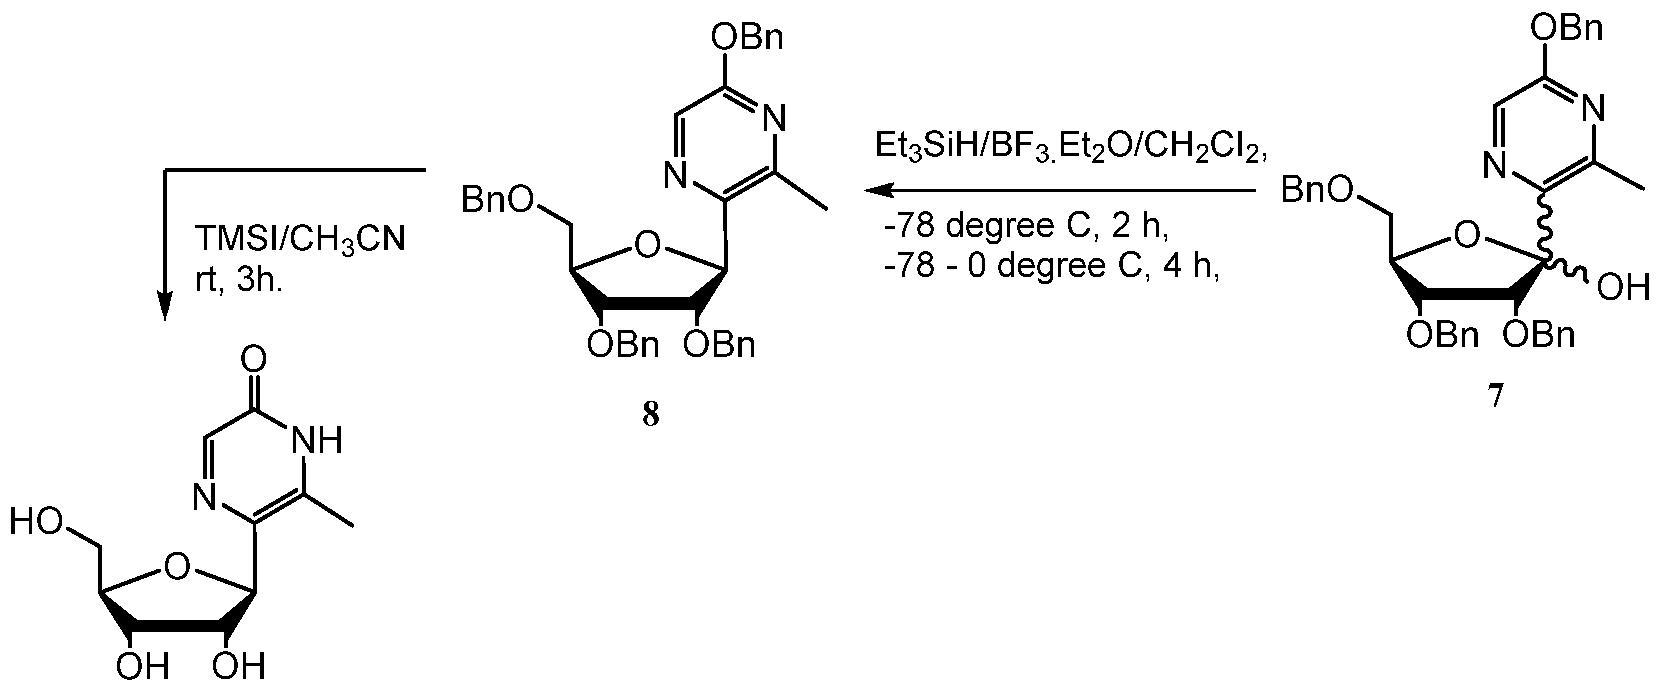 Figure imgf000261_0004